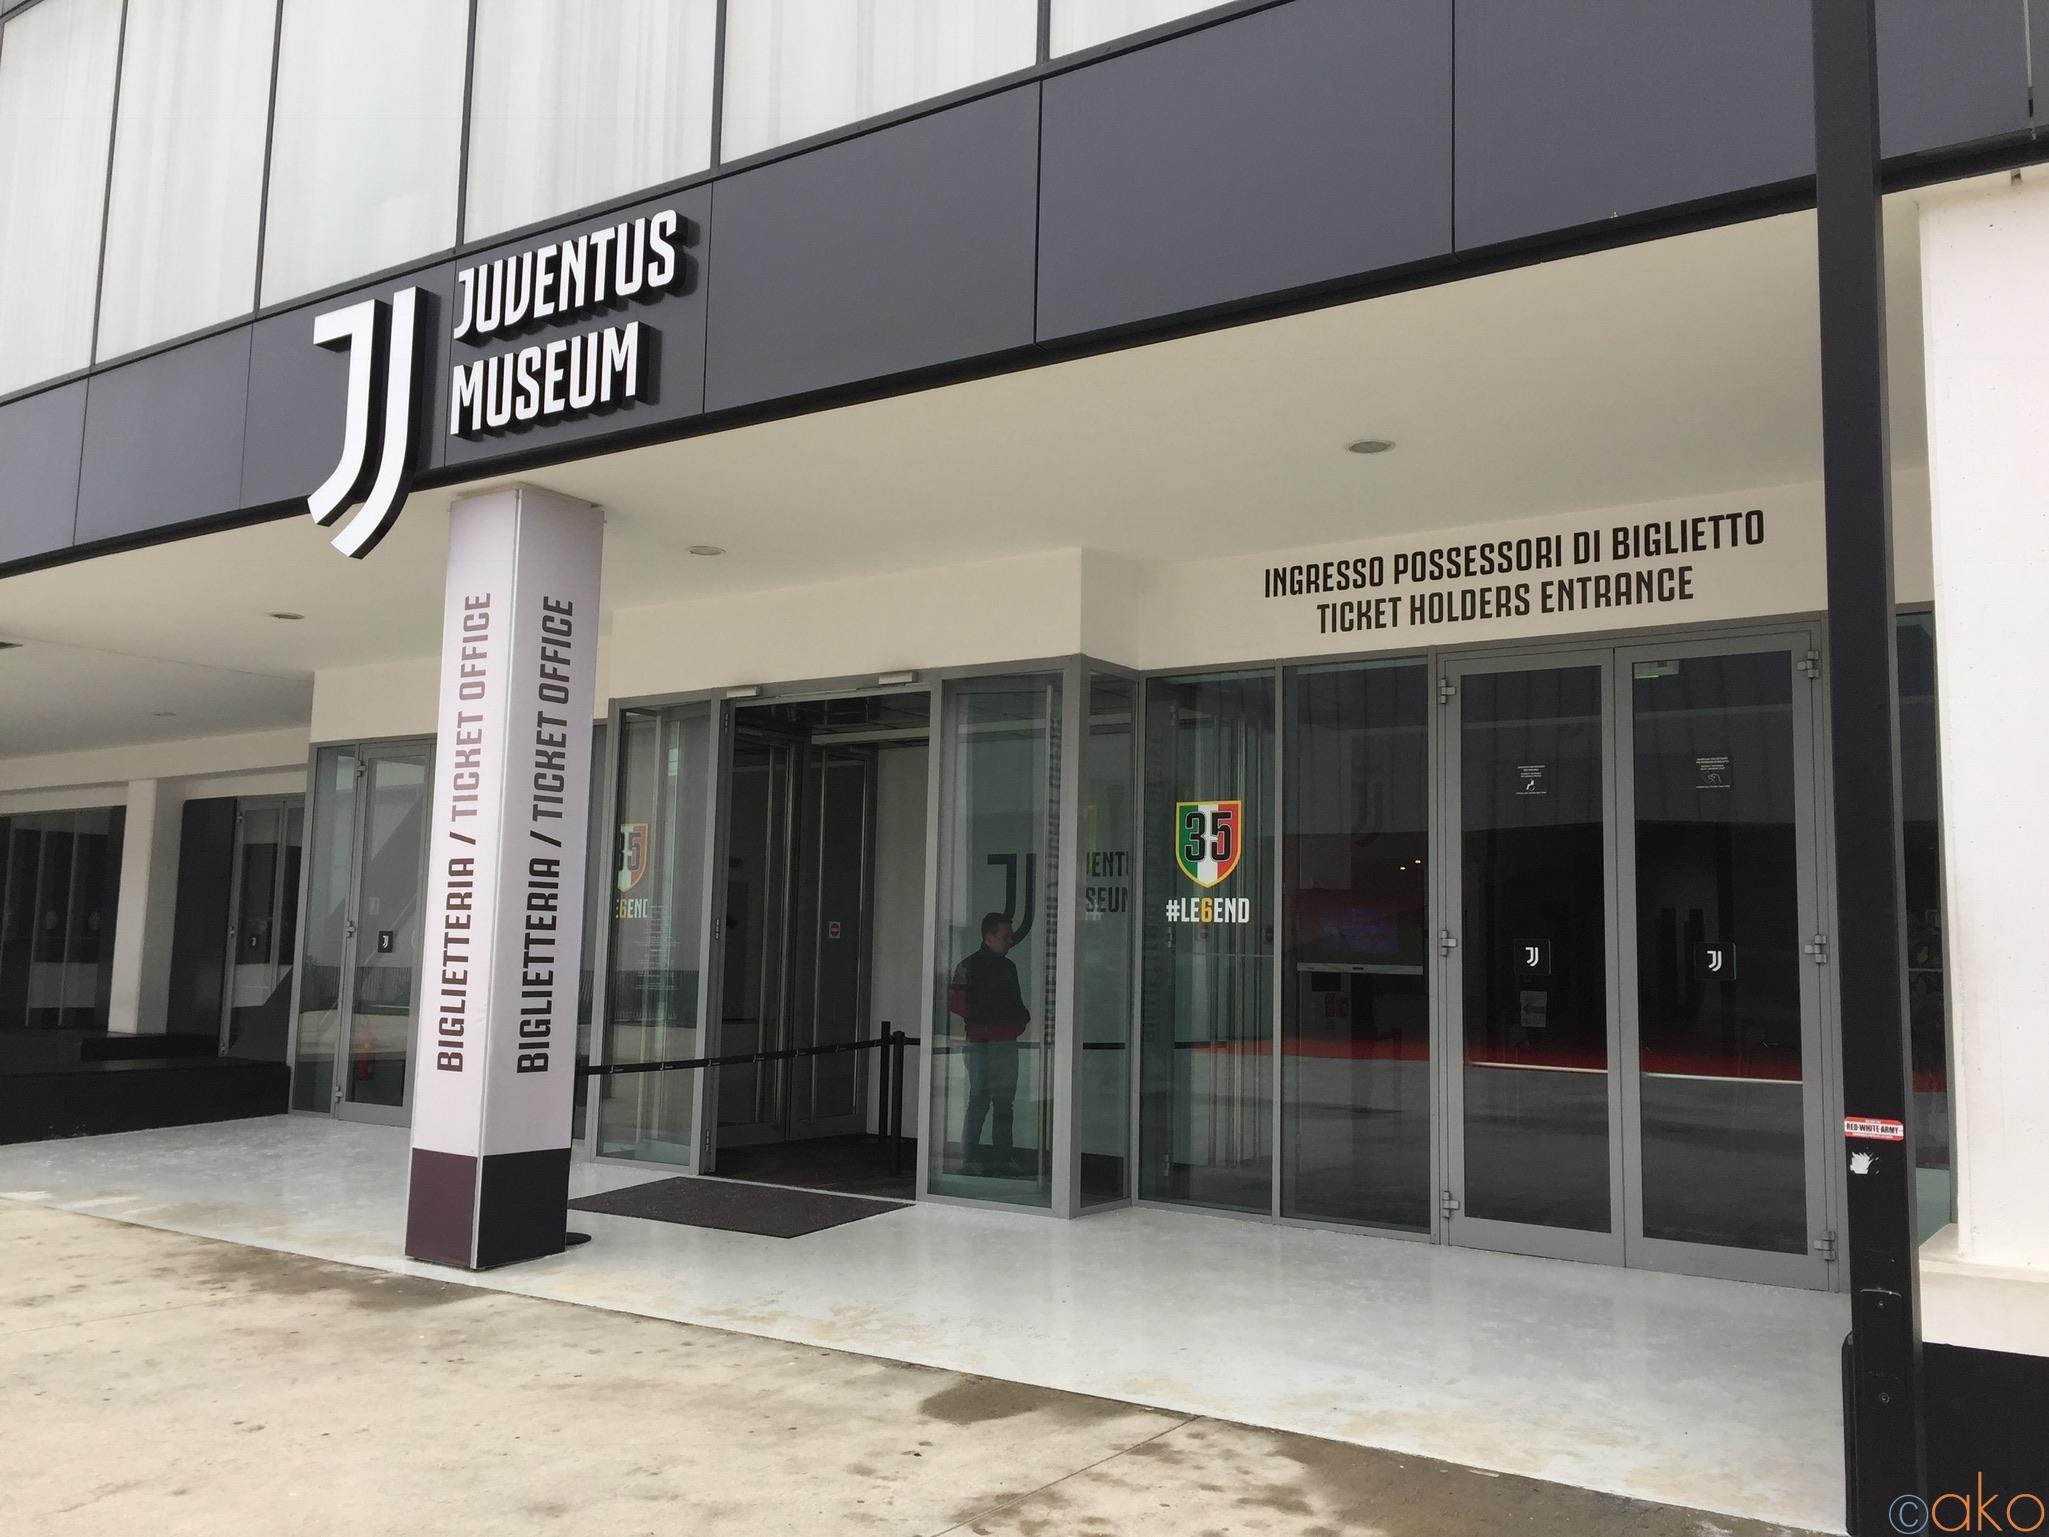 トリノでユヴェントススタジアム見学ツアーに行ってきました! | イタリア観光ガイド